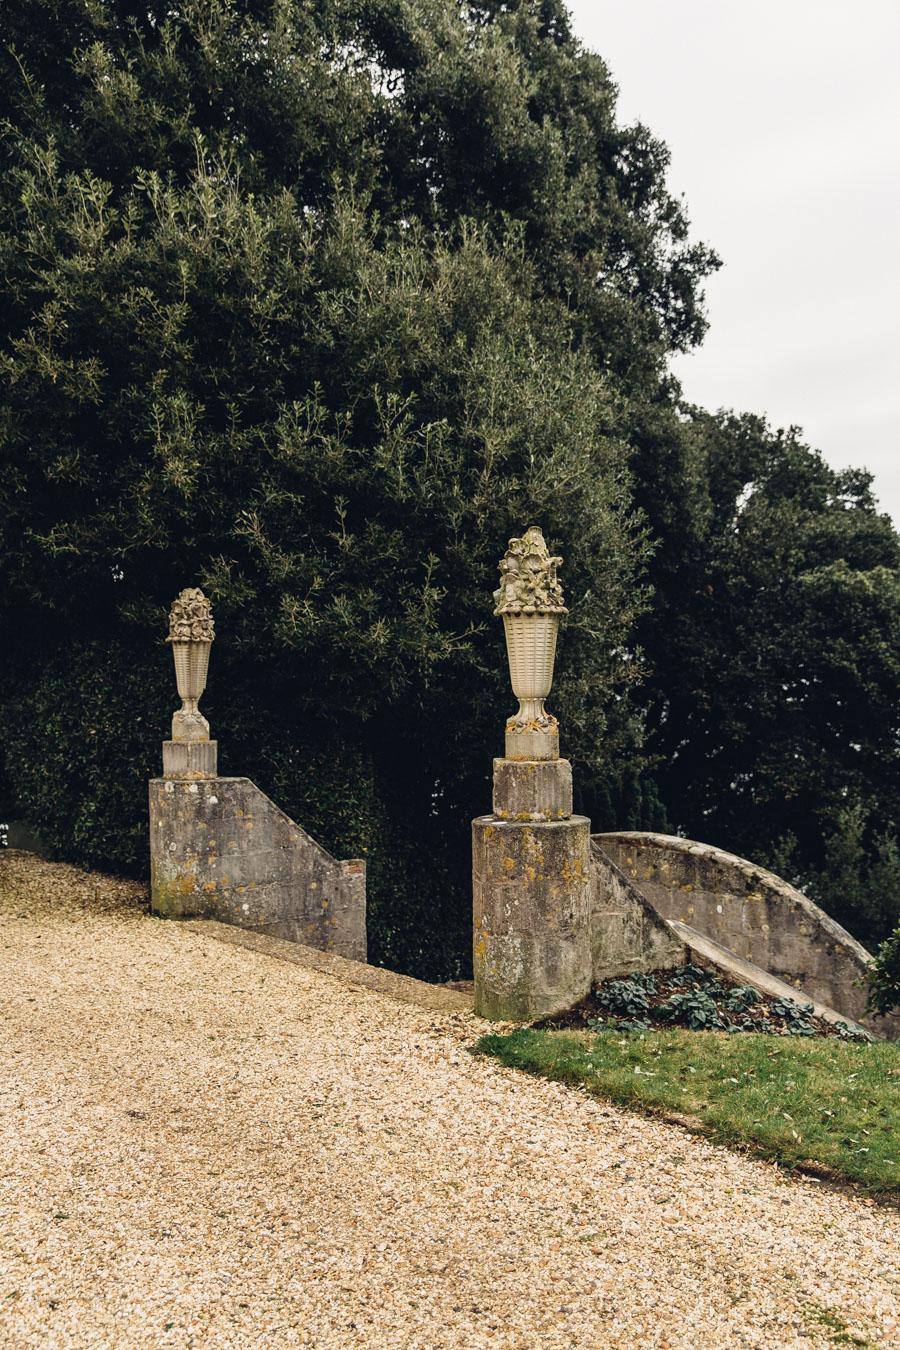 Luttrell's Tower garden details